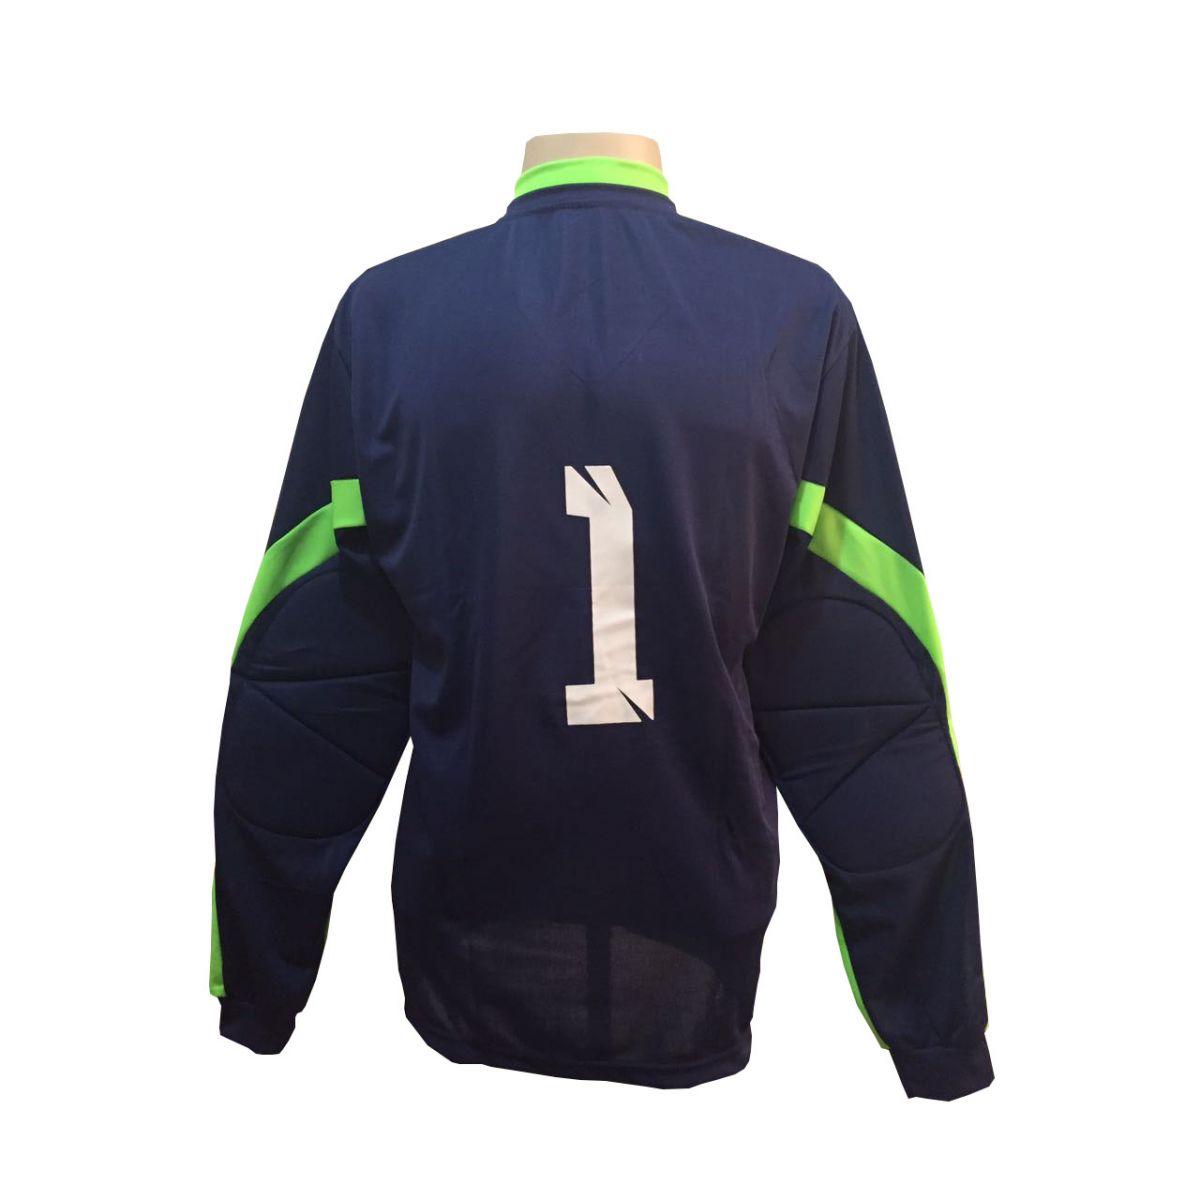 Camisa de Goleiro modelo Turim número 1 Marinho/Limão